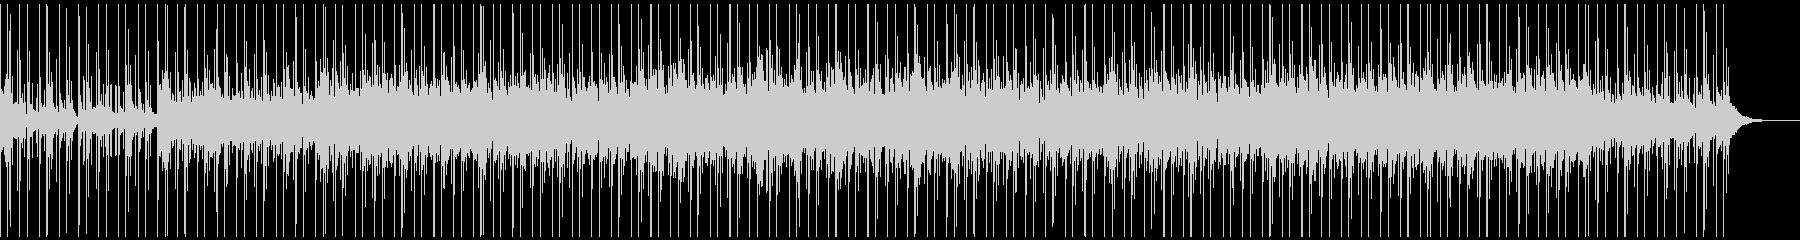 爽やかなリラックス系BGMの未再生の波形